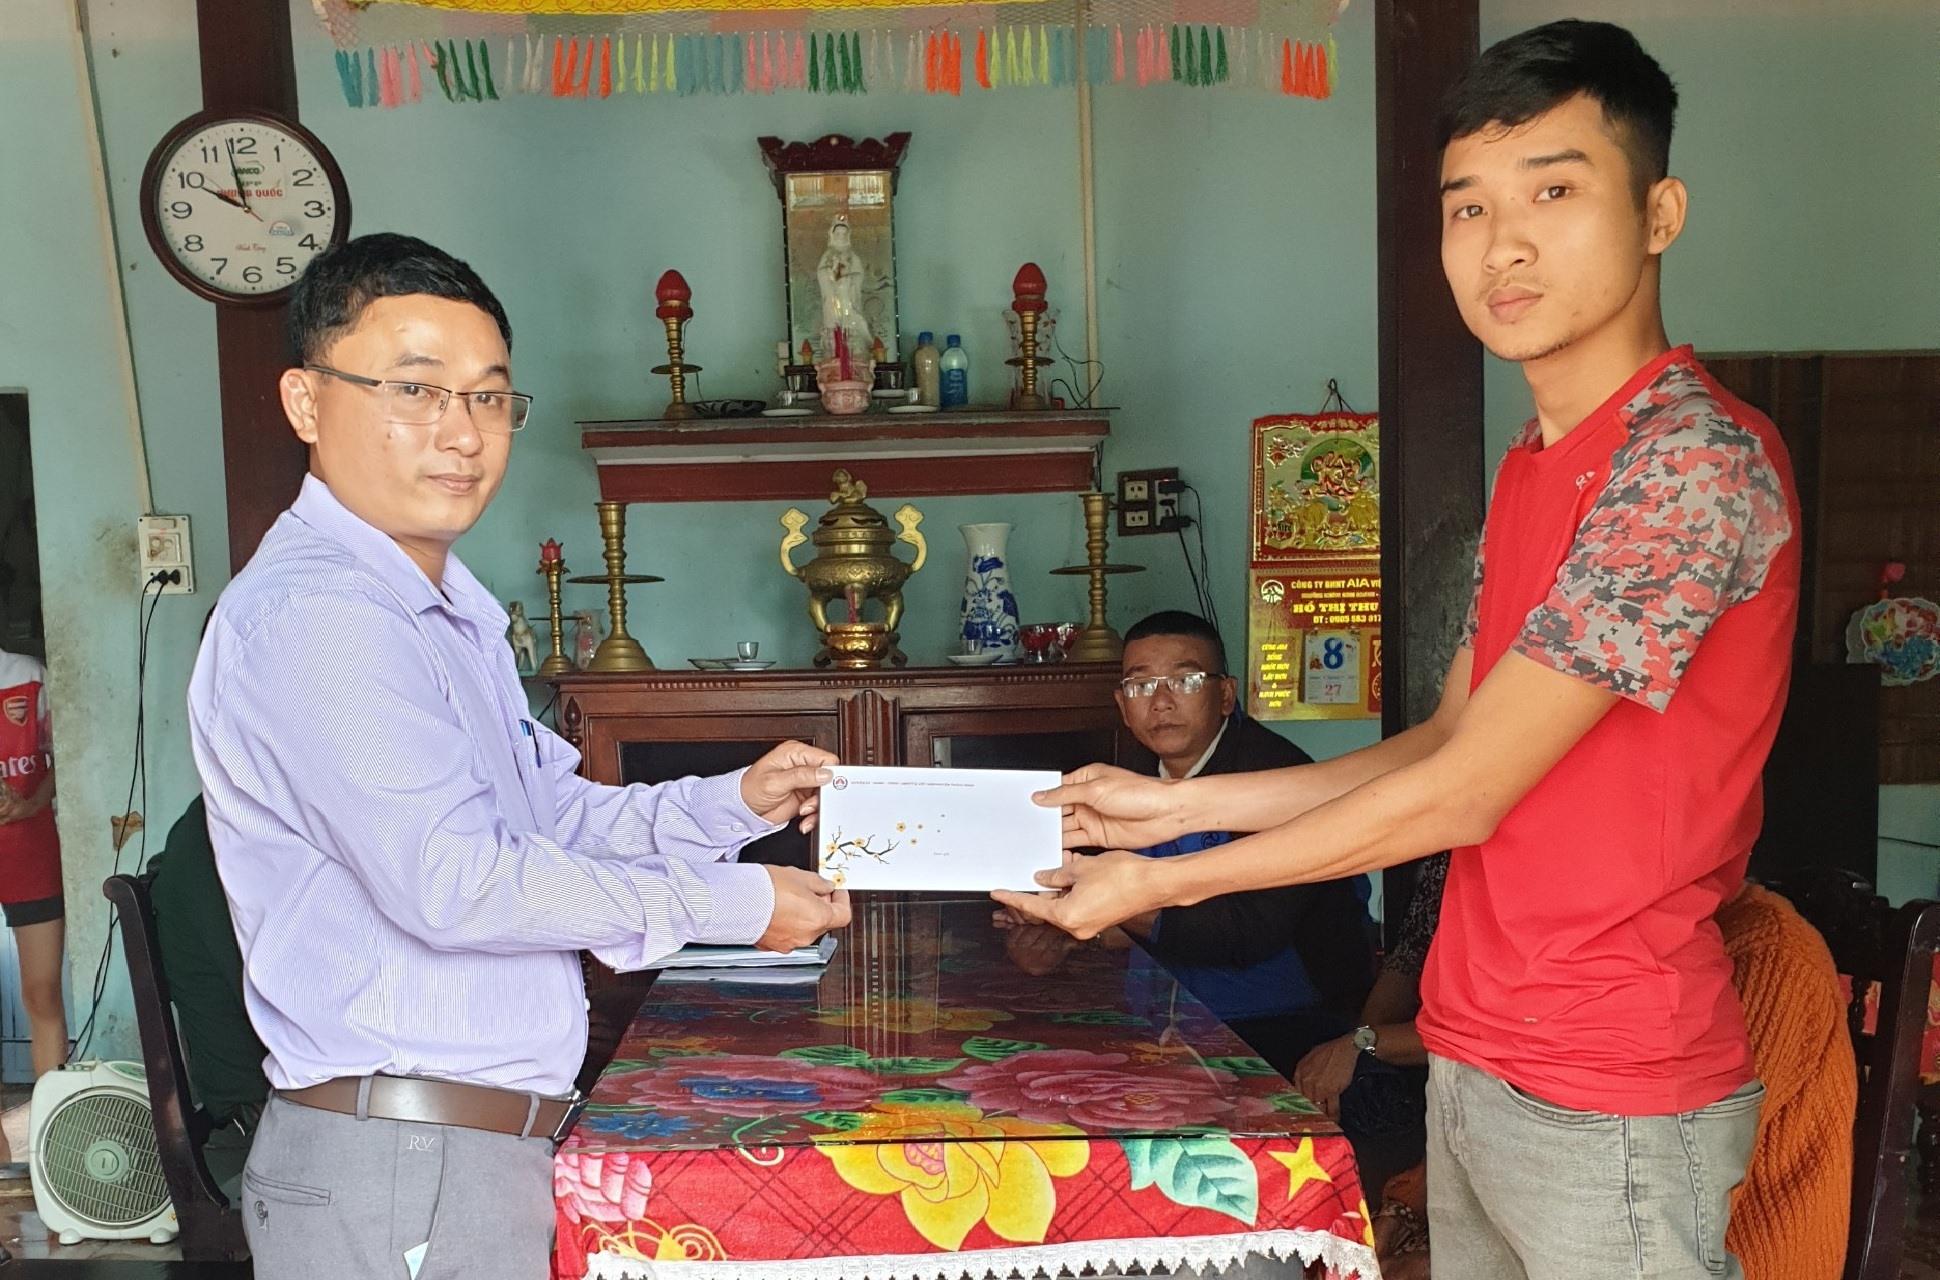 Lãnh đạo huyện Thăng Bình thăm, động viên thanh niên trước lúc lên đường nhập ngũ năm 2021. Ảnh: GIANG BIÊN